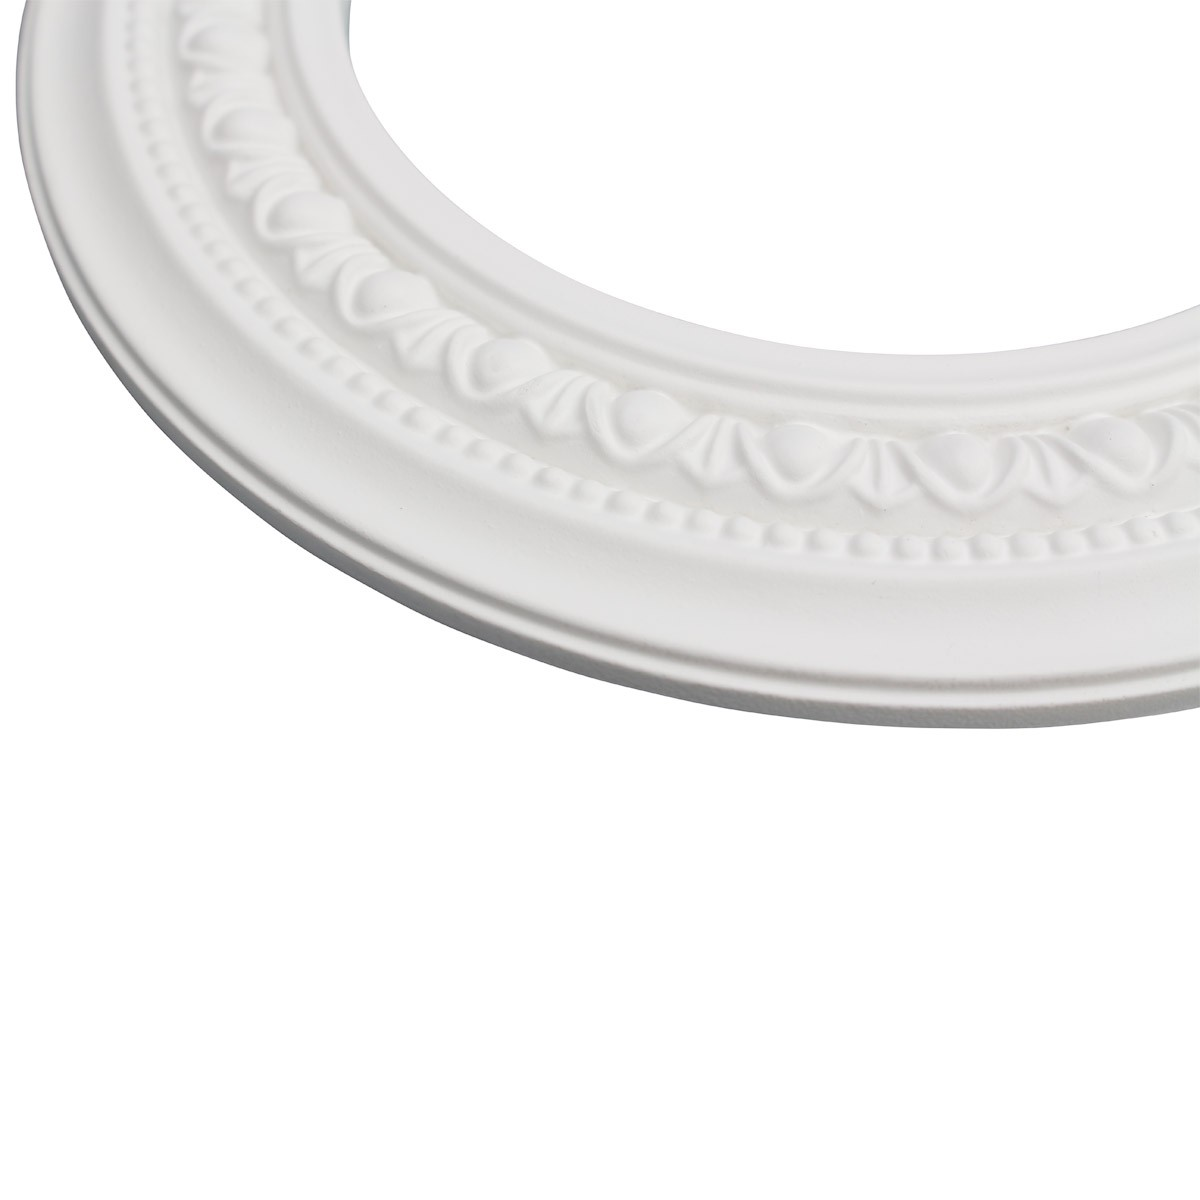 White Urethane Spot Light Trim Recessed Durable Foam 612 ID Pack of 3 Light Medallion Light Medallions Lighting Medallion